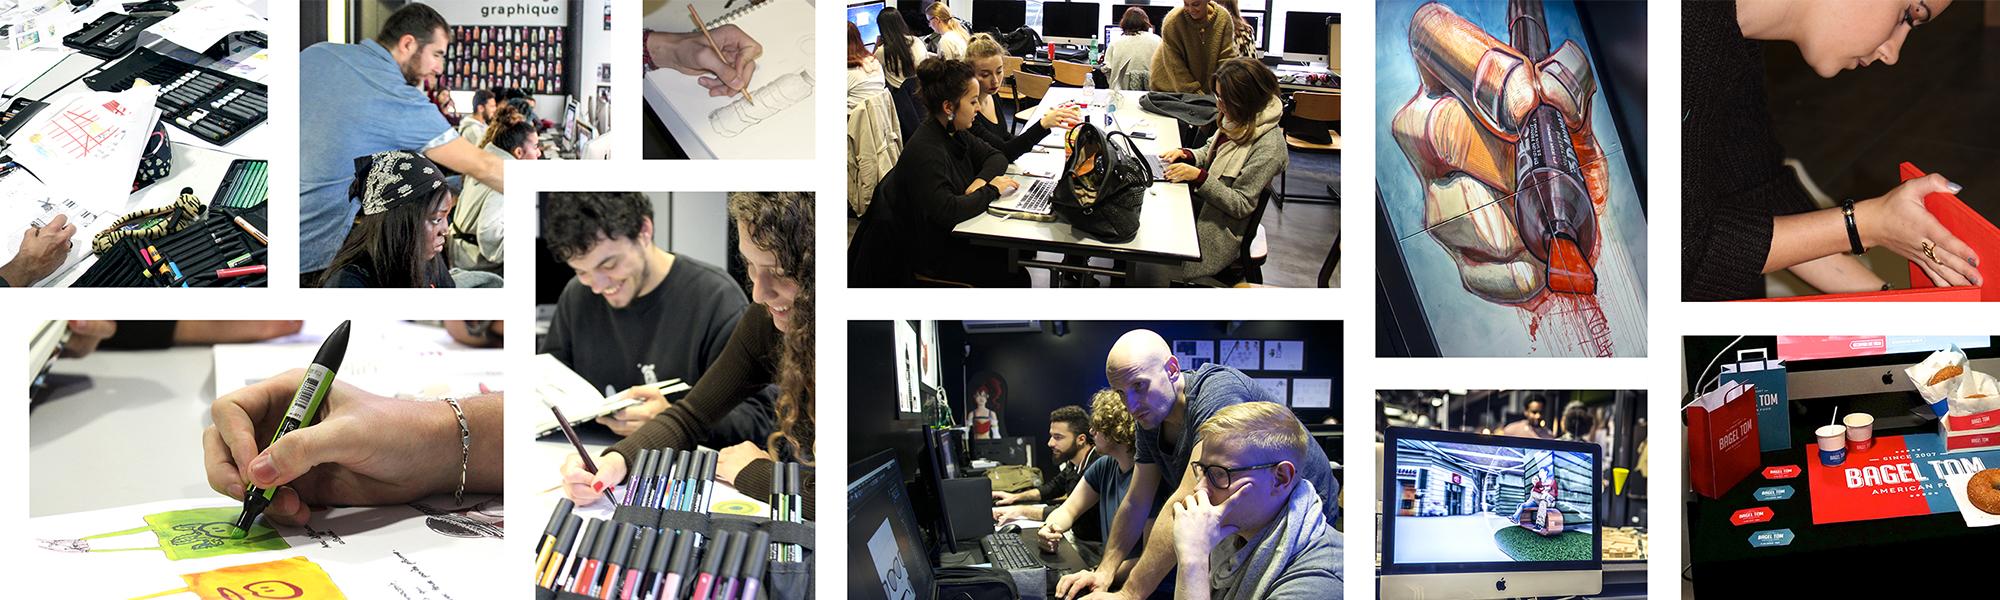 Présentation ecole Com'Art - formation Infograpie et communication visuelle sur Paris